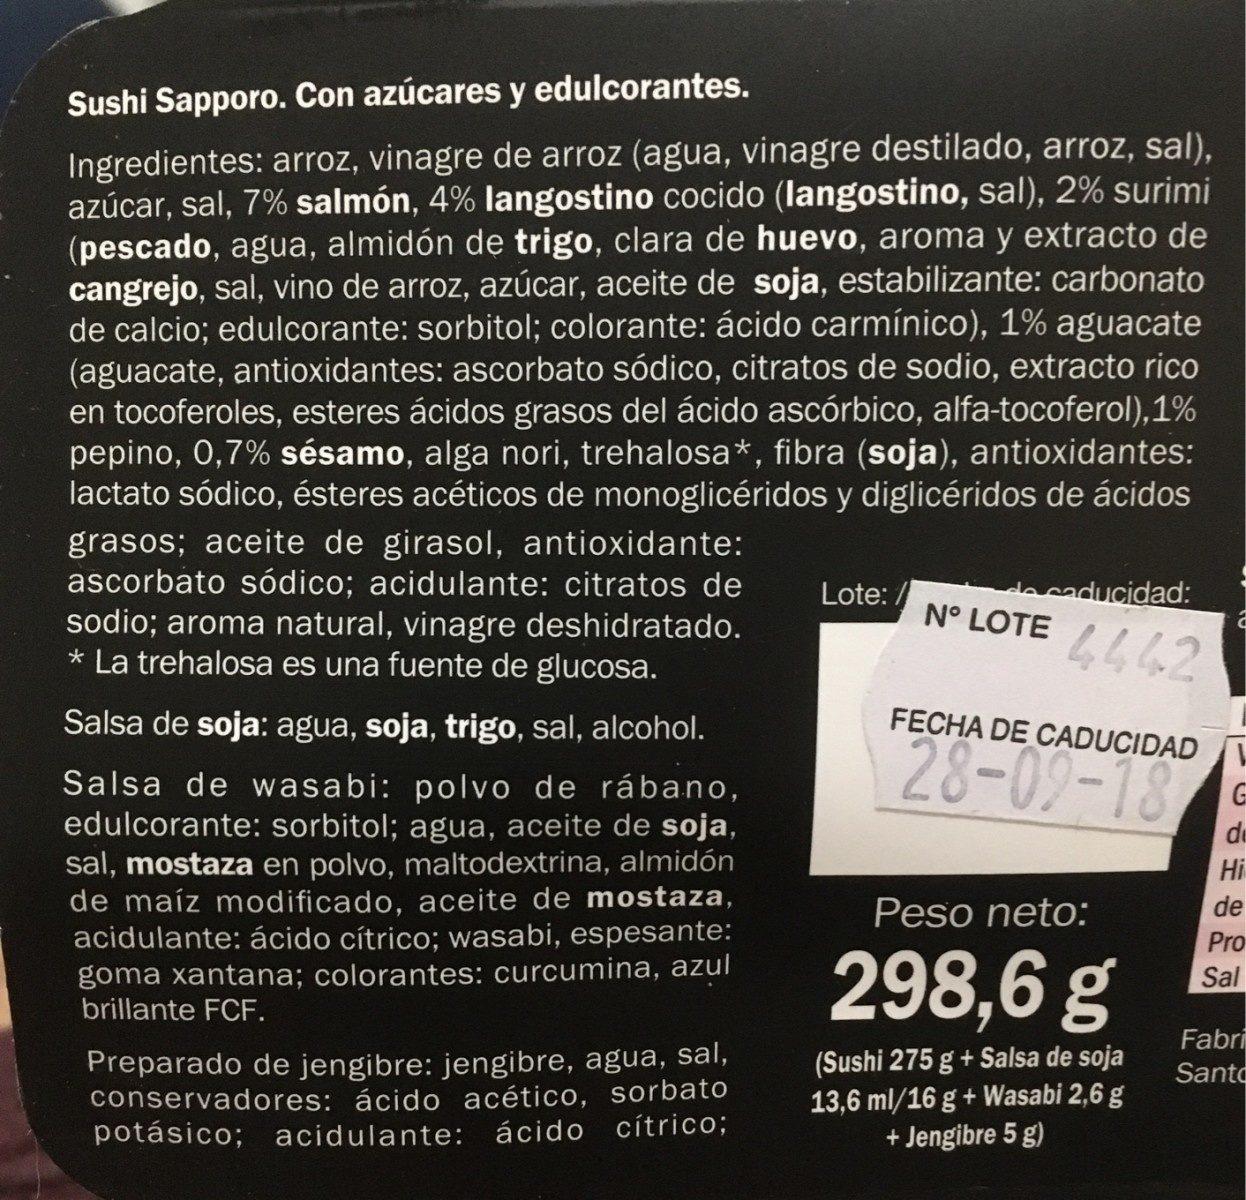 Sushi Sapporo - Ingredientes